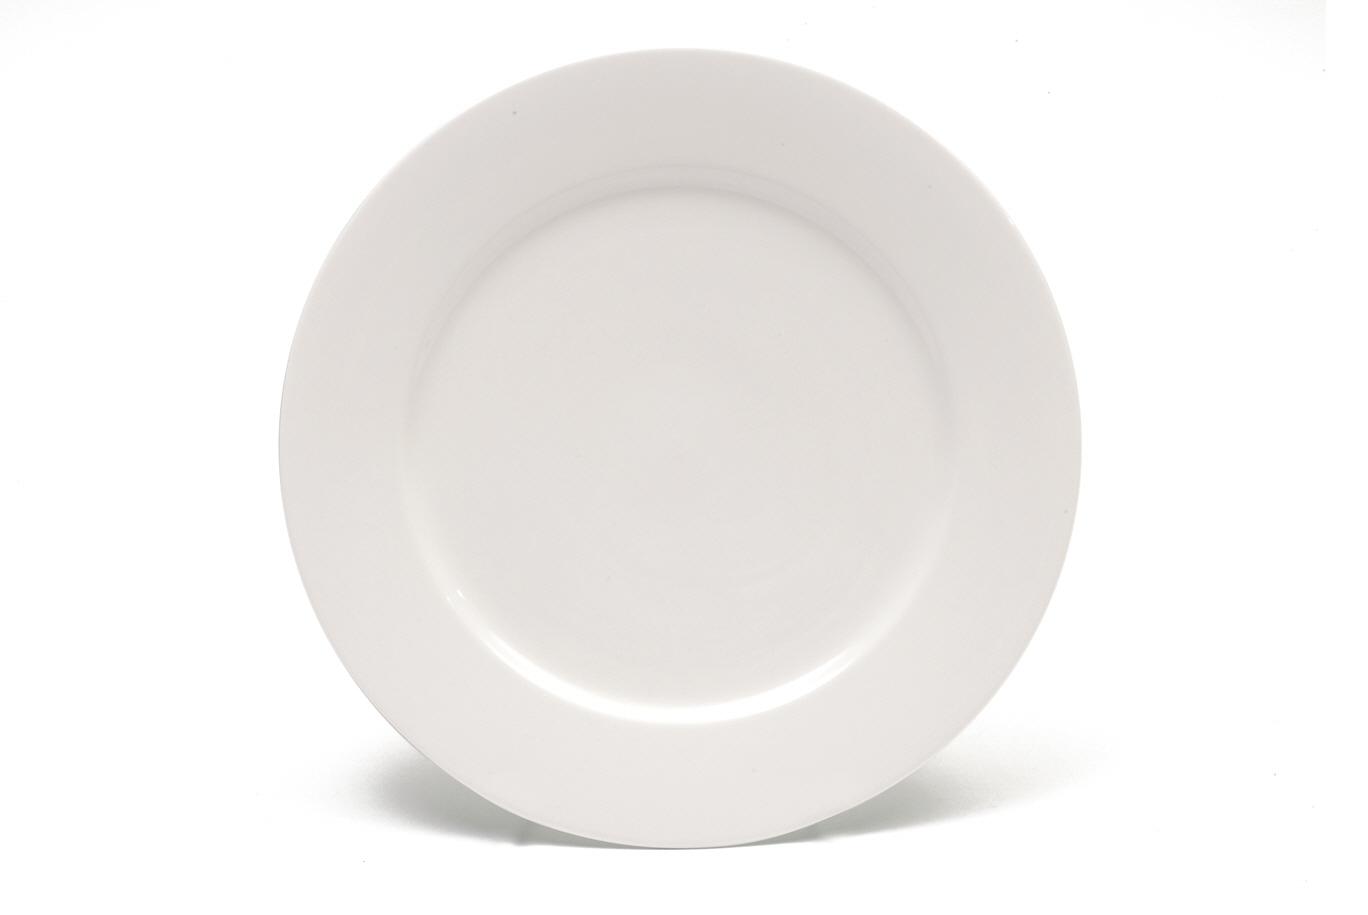 Porcelánový Mělký talíř White Basics 27,5 cm 4 ks - Maxwell&Williams